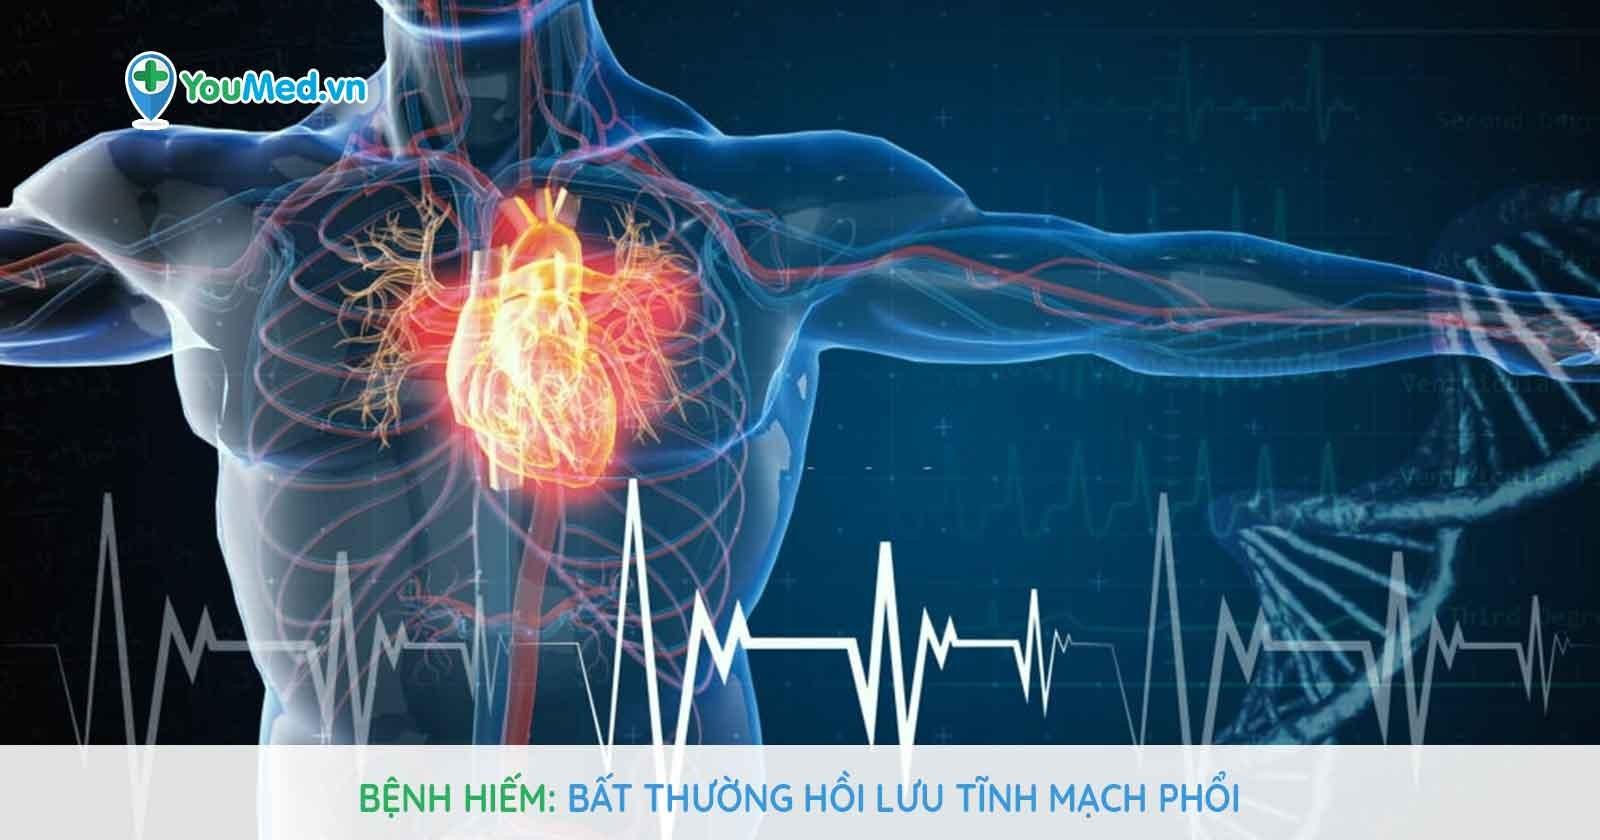 Bệnh hiếm - Bất thường hồi lưu tĩnh mạch phổi